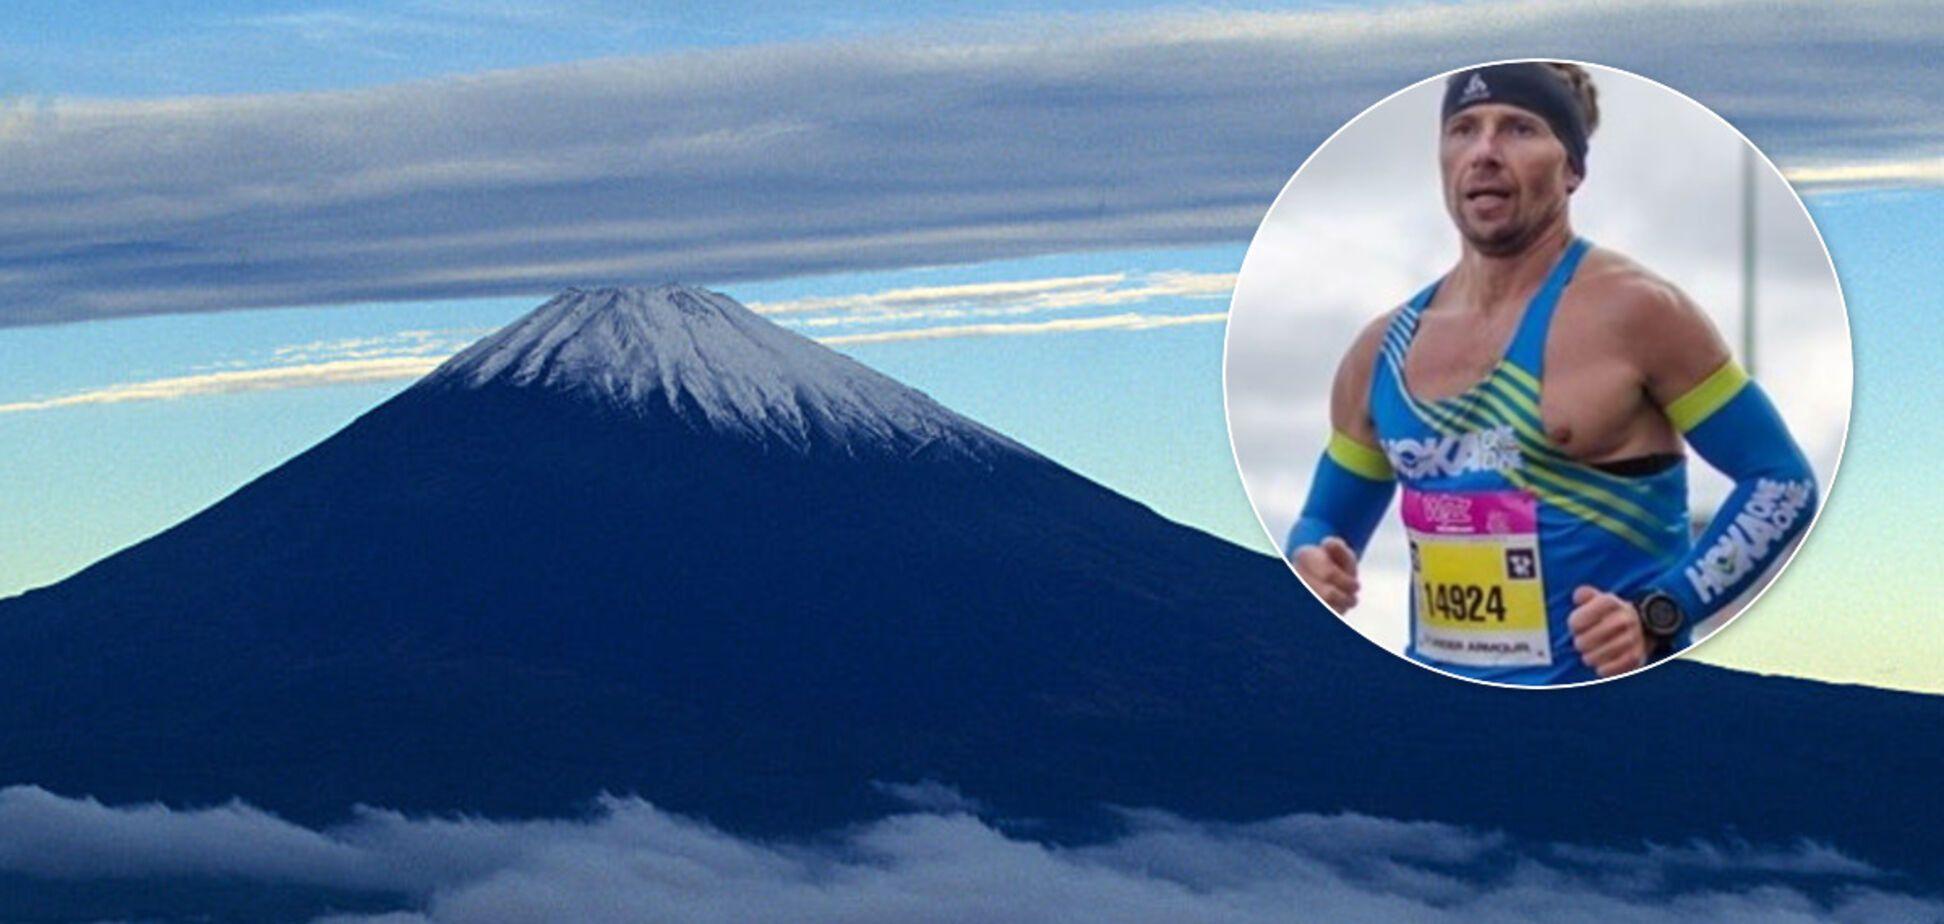 Українець Олексій Борисенко загадково зник в Японії